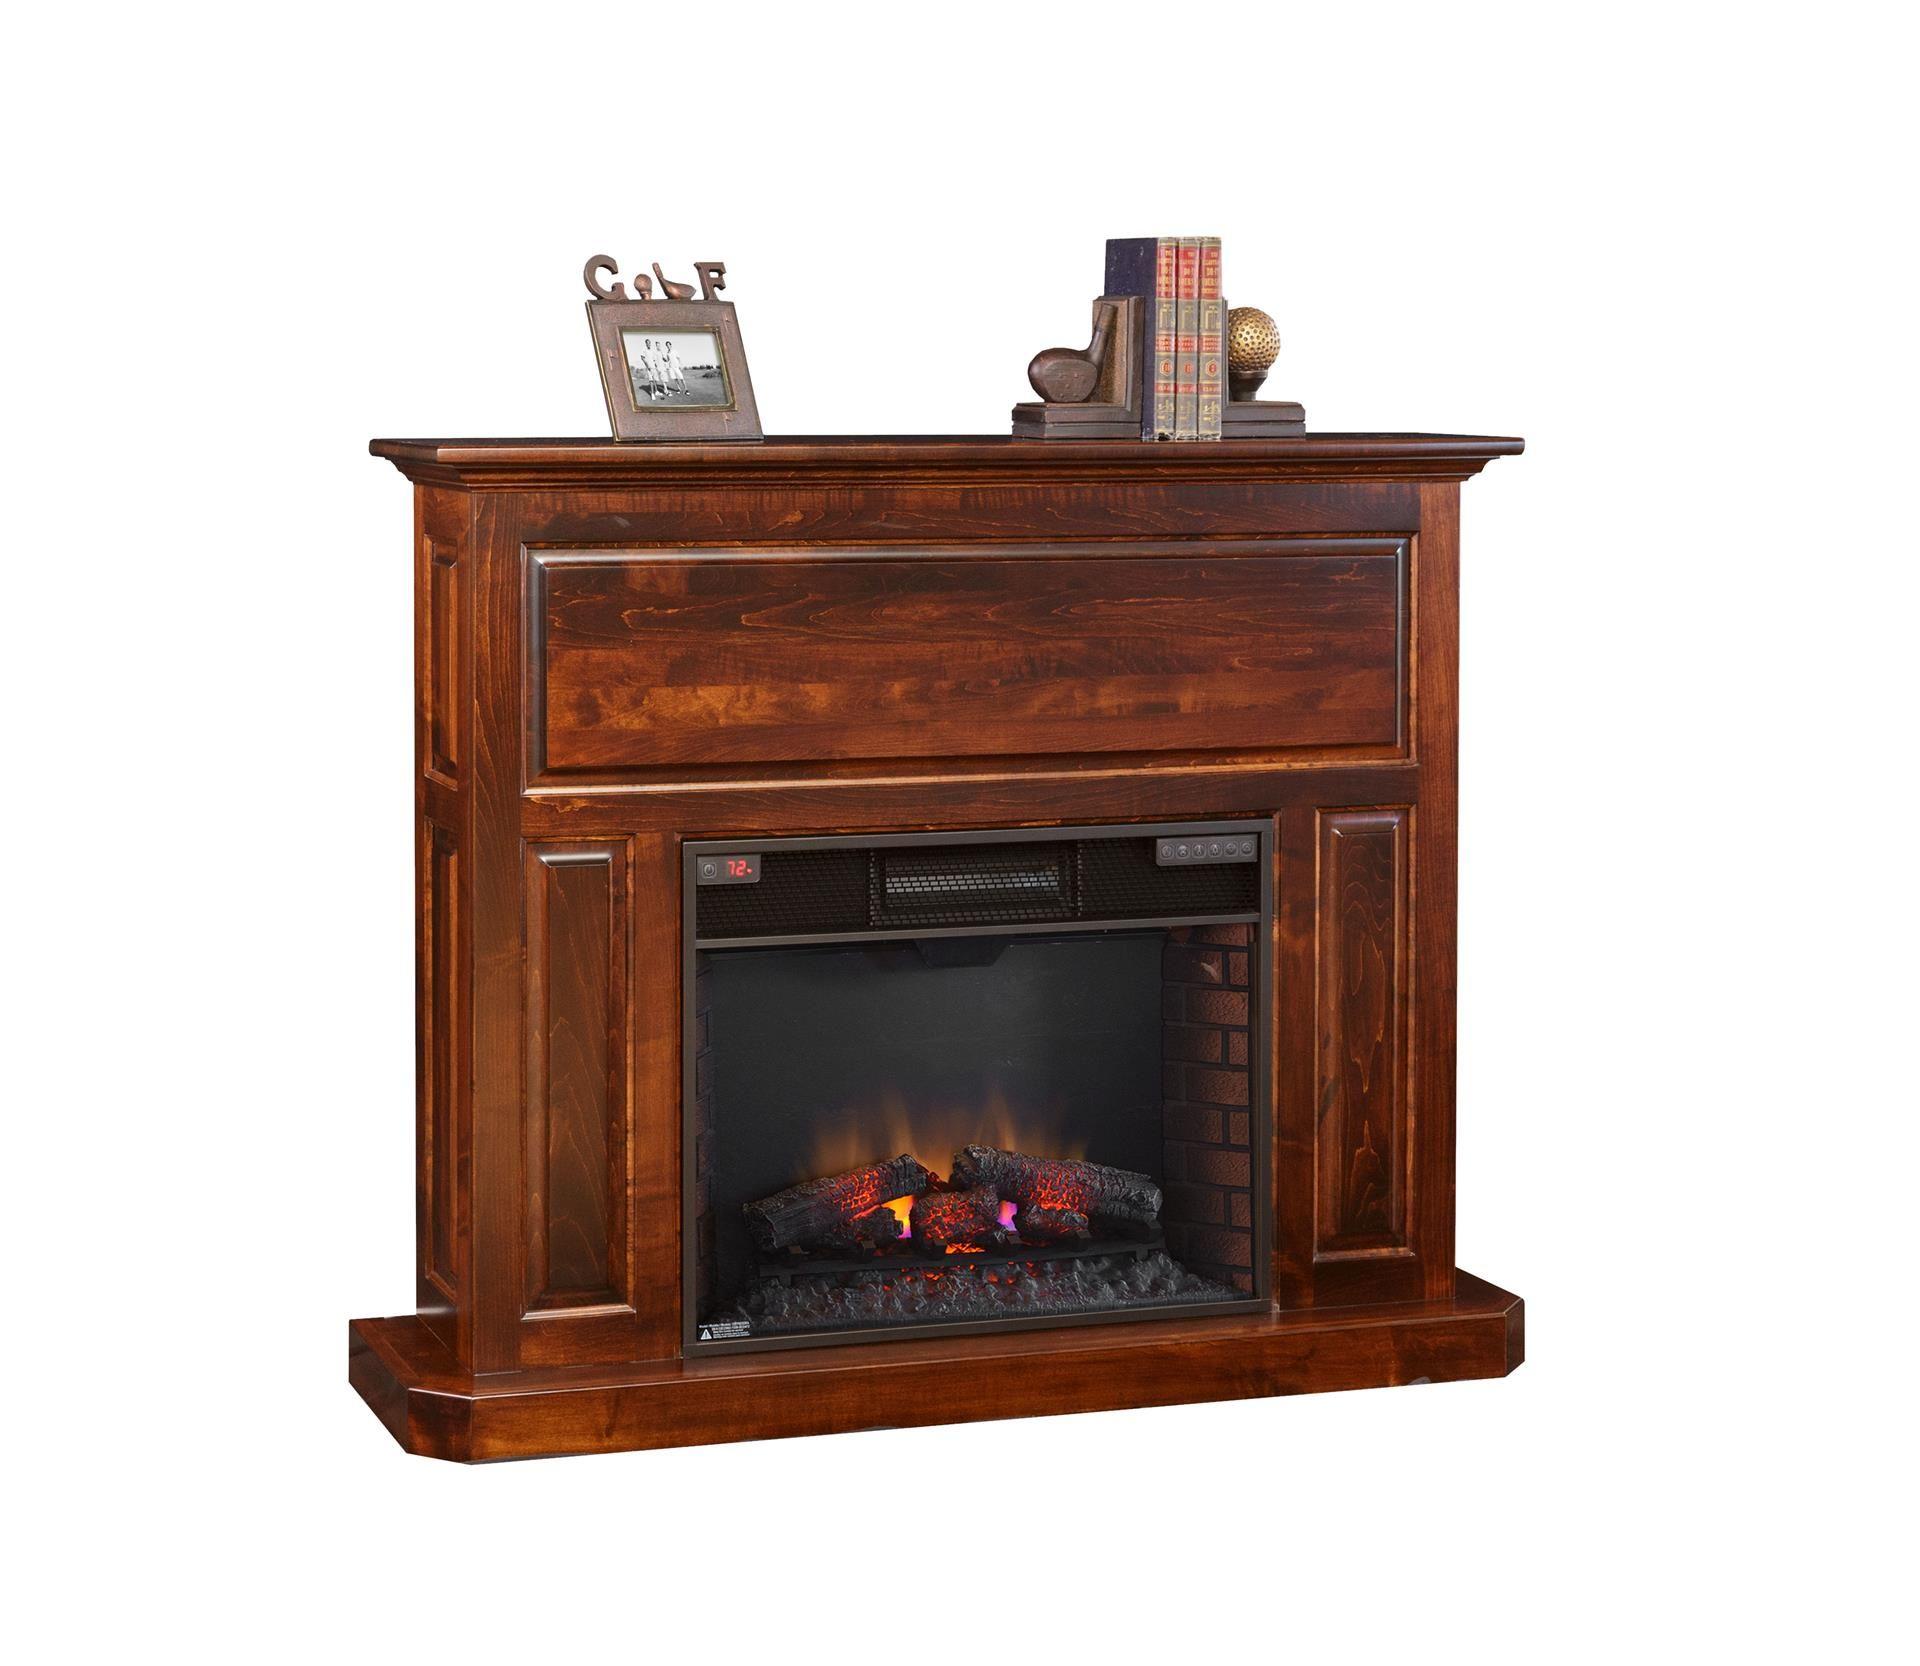 Amish Fireplace Mantel With 28 Insert I Like Amish Fireplace